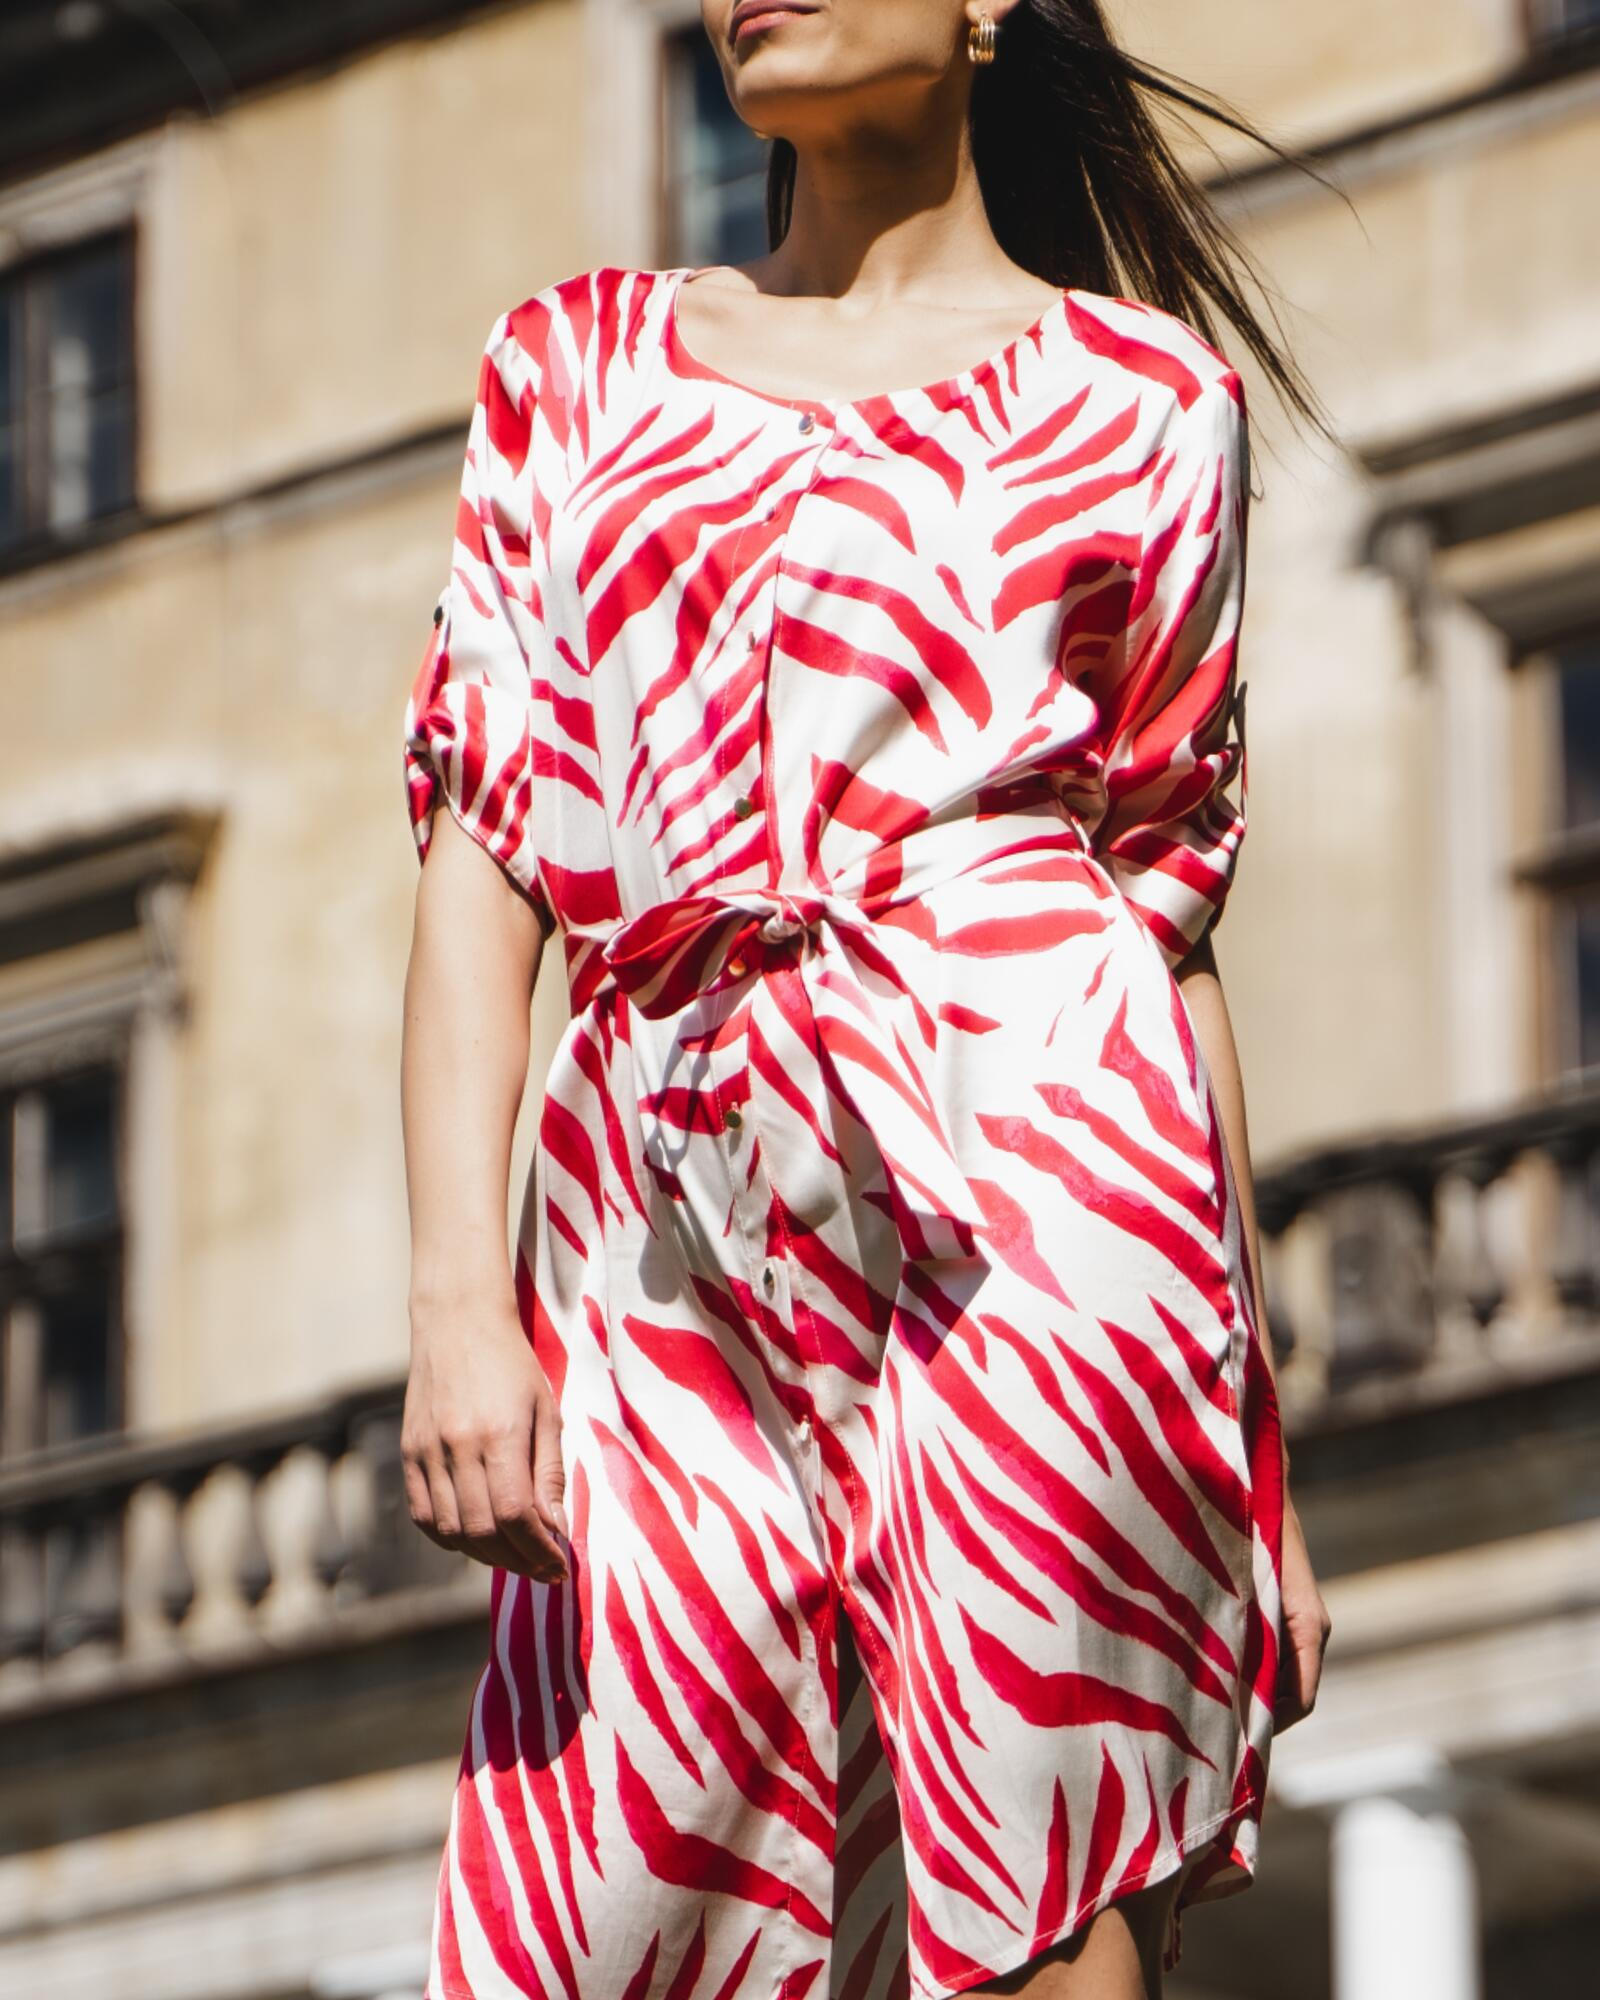 Sukienka koszulowa Pili-Pili - SYLVIA DARA SYLWIA DYDA | JestemSlow.pl